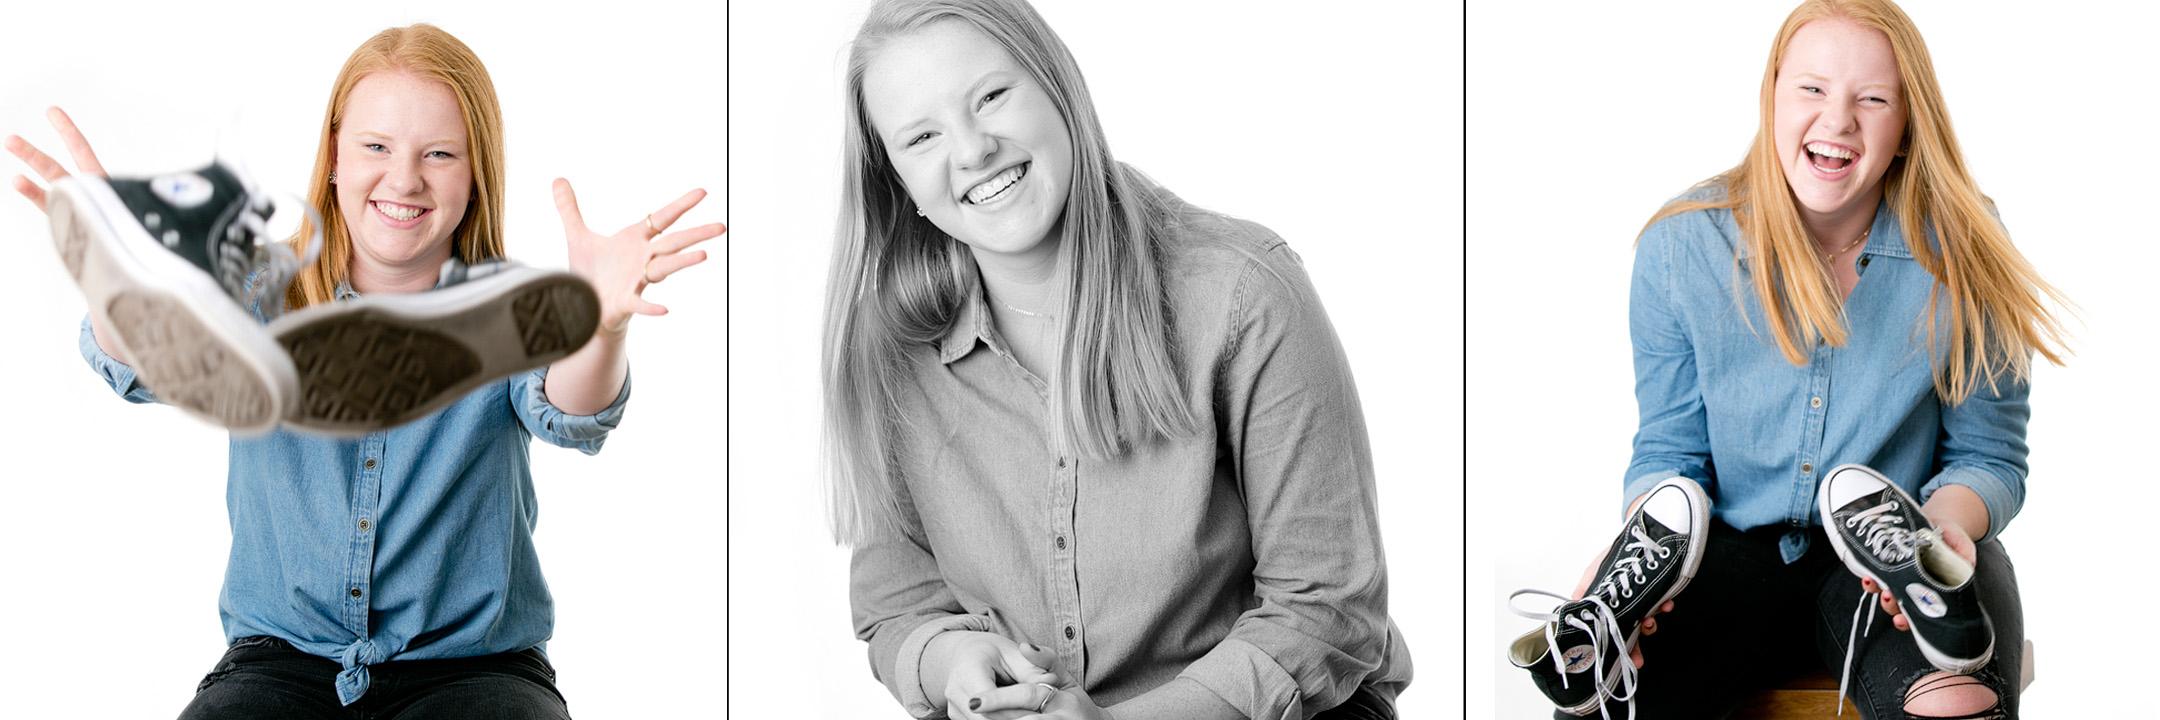 senior photos, laughing girl, headshot